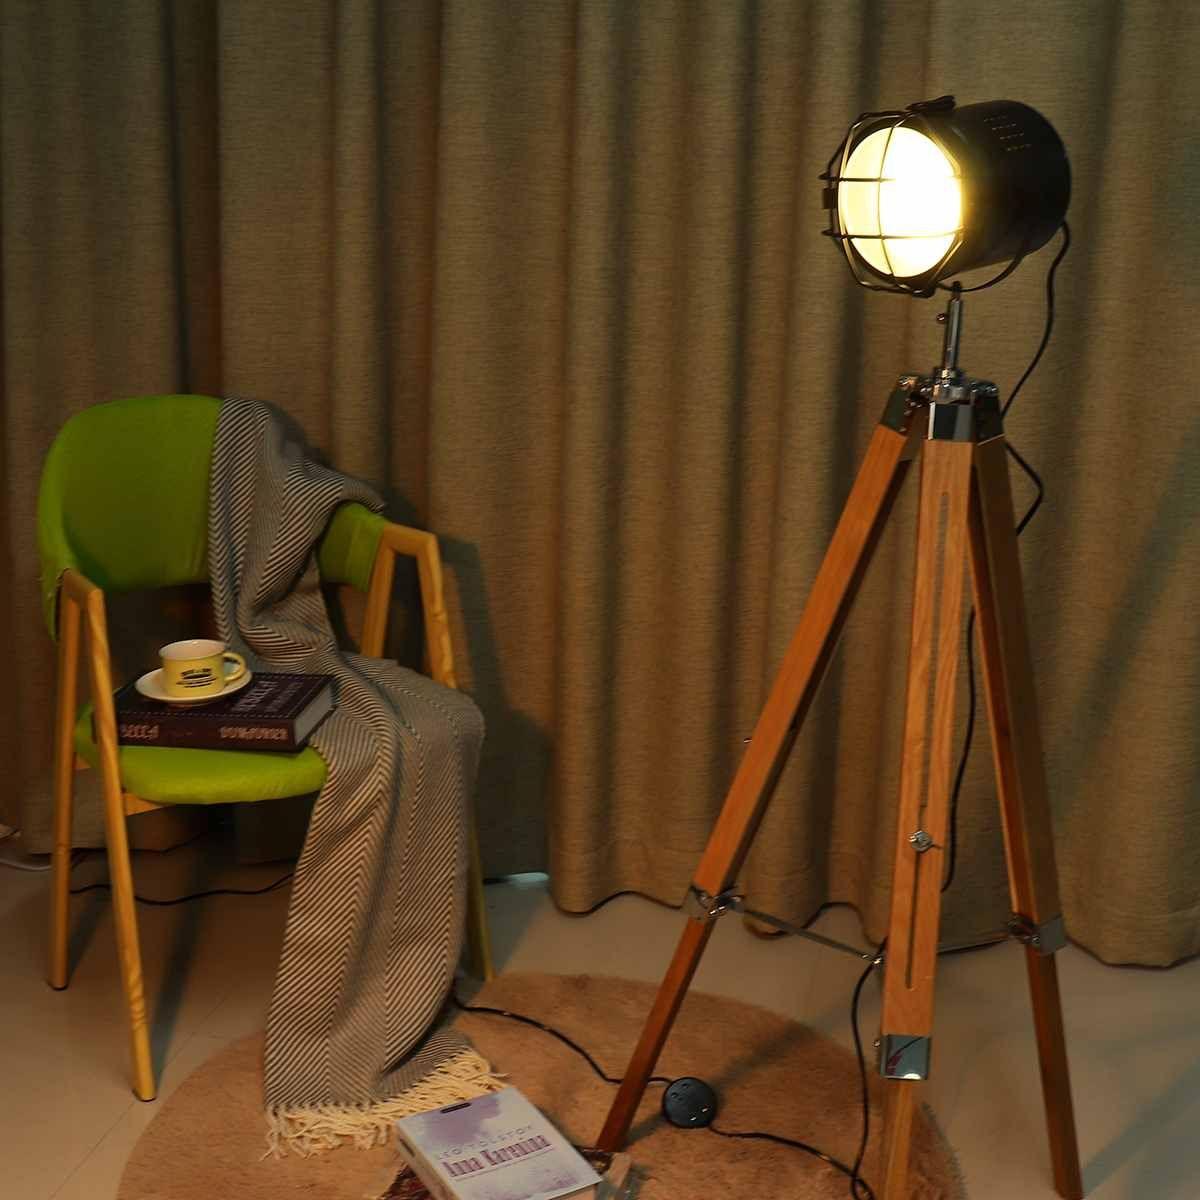 Stativ Boden Lampe Leuchtet wohnzimmer Decor Lesen Beleuchtung Holz Dreieck Moderne Minimalistischen Industriellen Leuchte